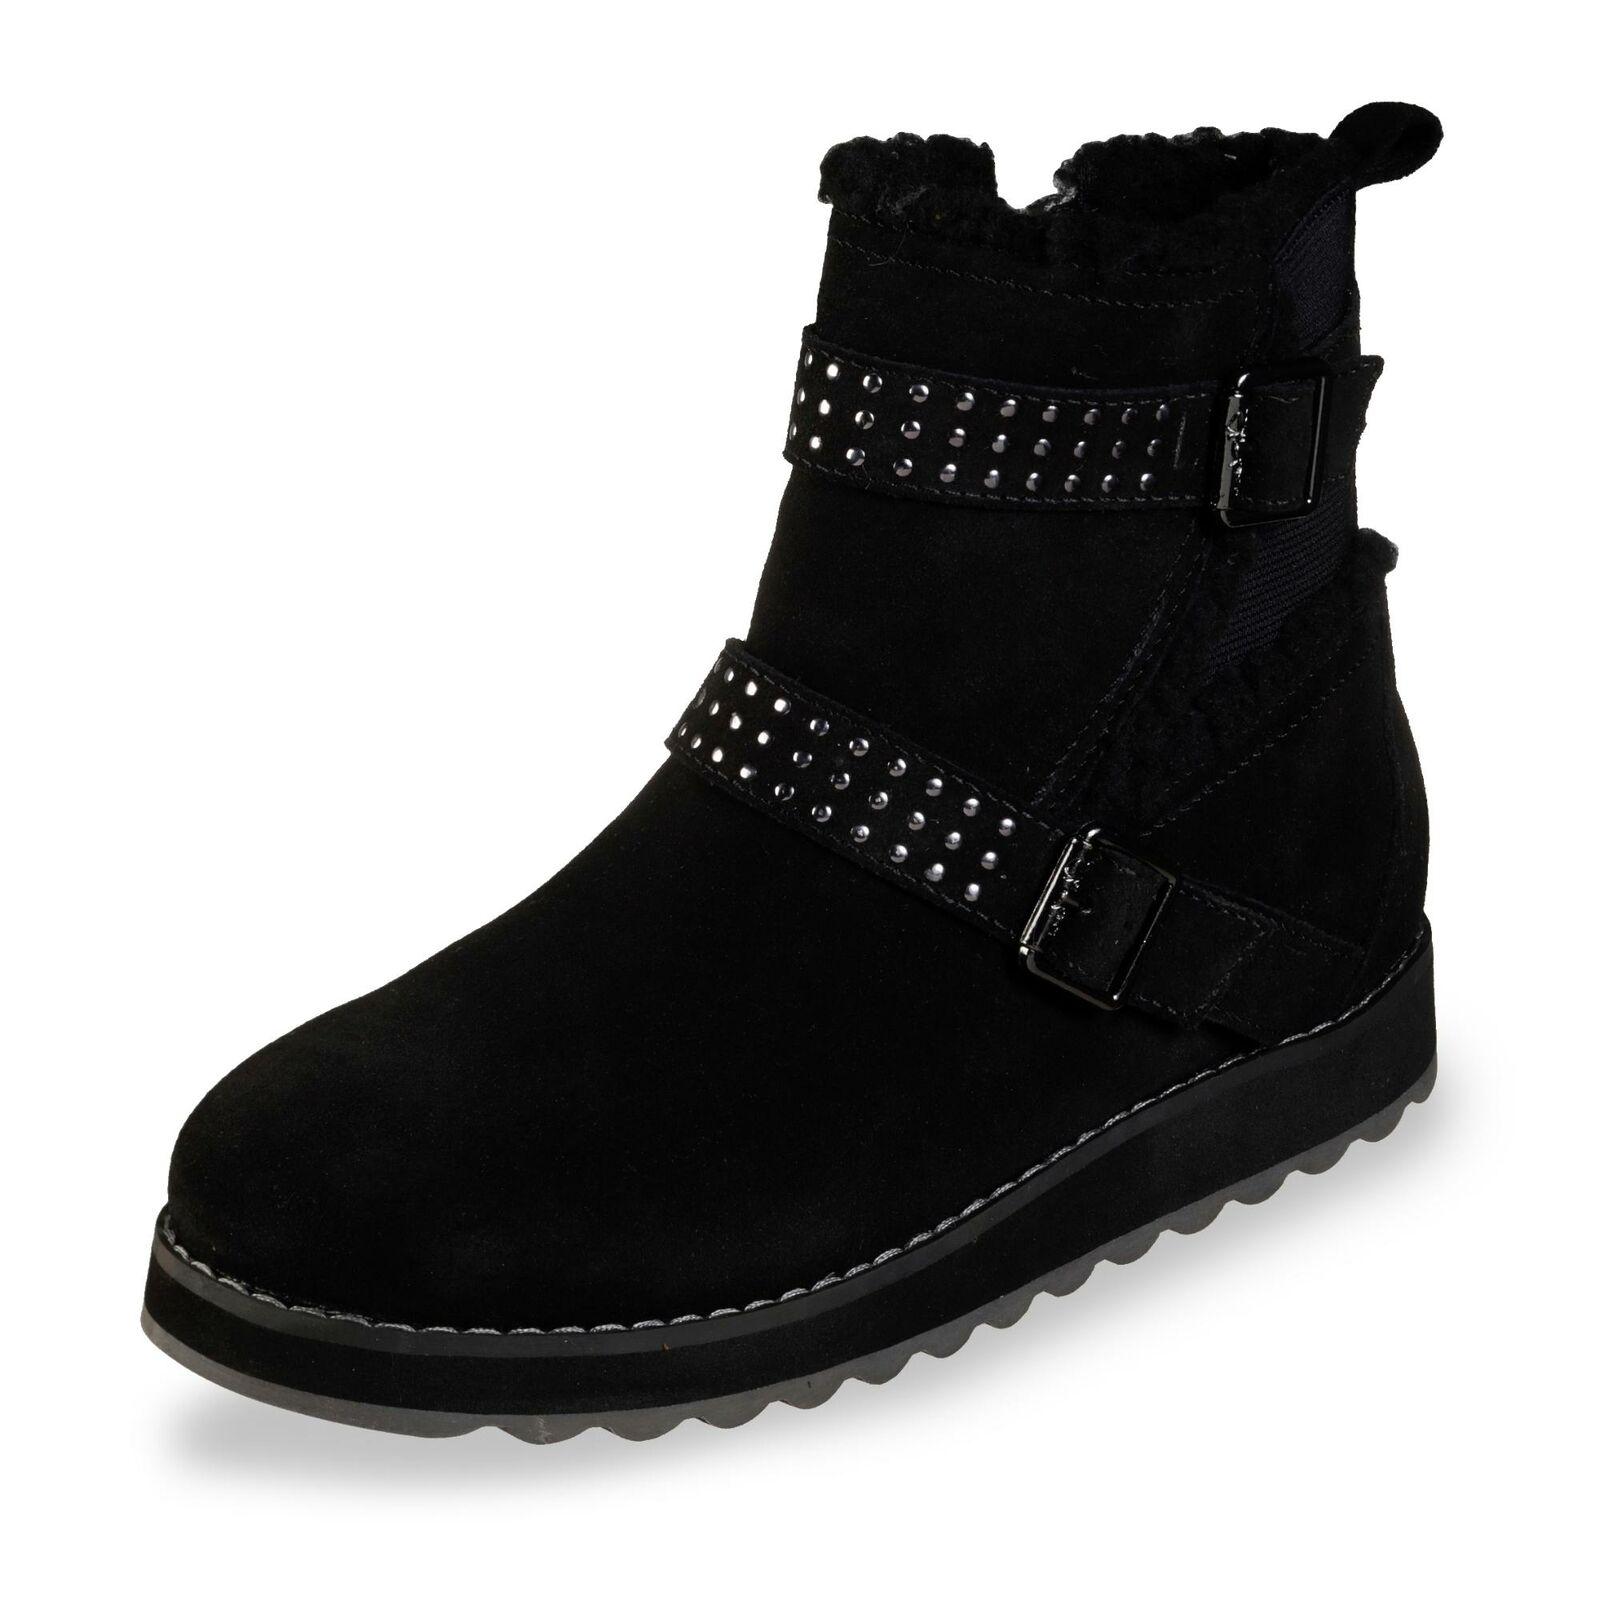 Gabor Damen Boots Stiefel Winterschuhe Schlupfschuh Winterstiefel Schuh schwarz